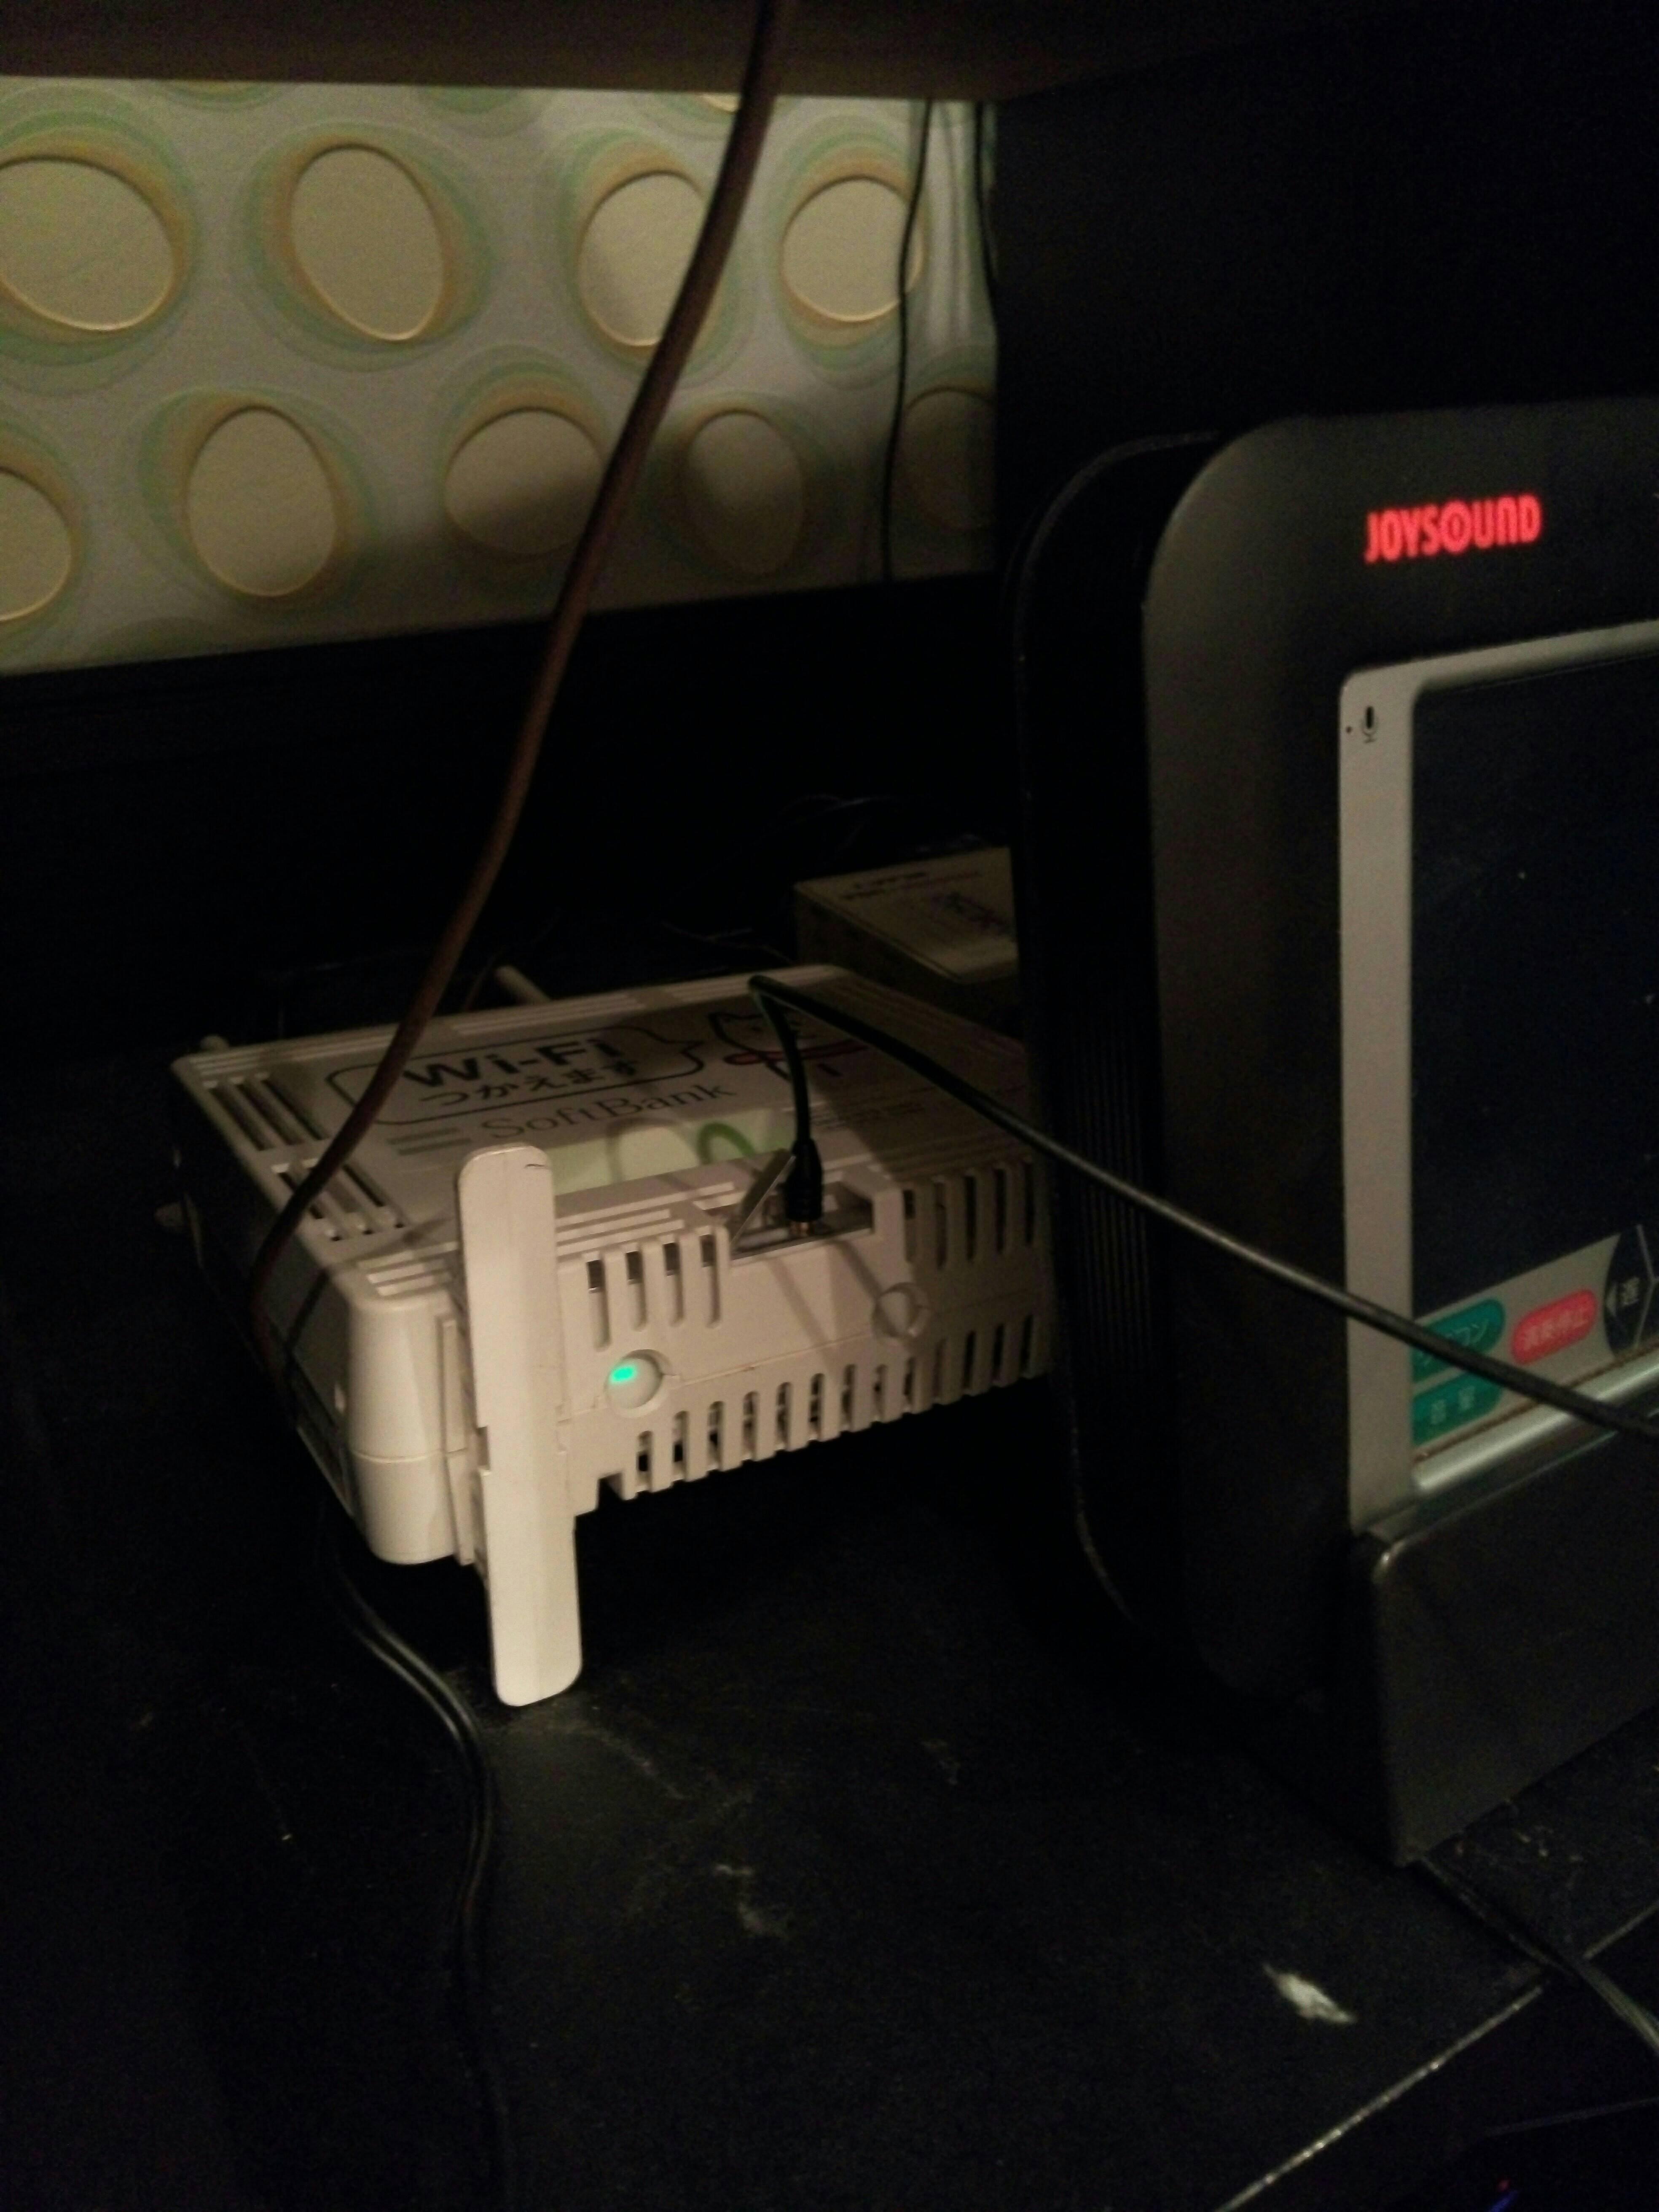 ソフトバンクWi-Fiスポットが周囲の無線環境をゴミ化していて